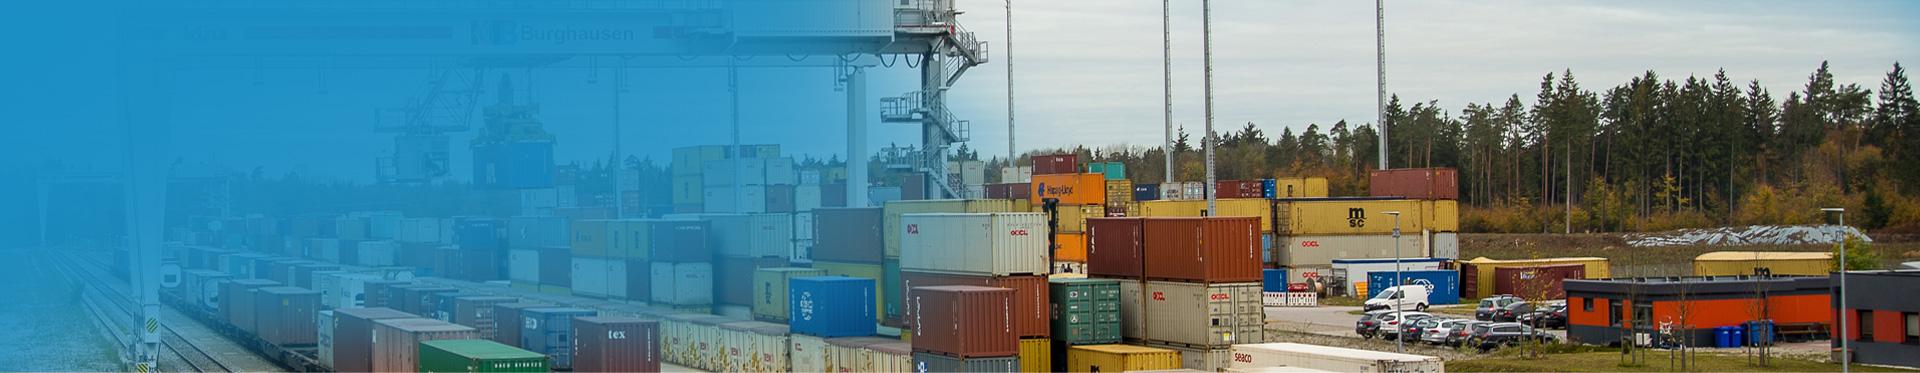 Intermodal Transportation & Shipping Mexico | Landstar